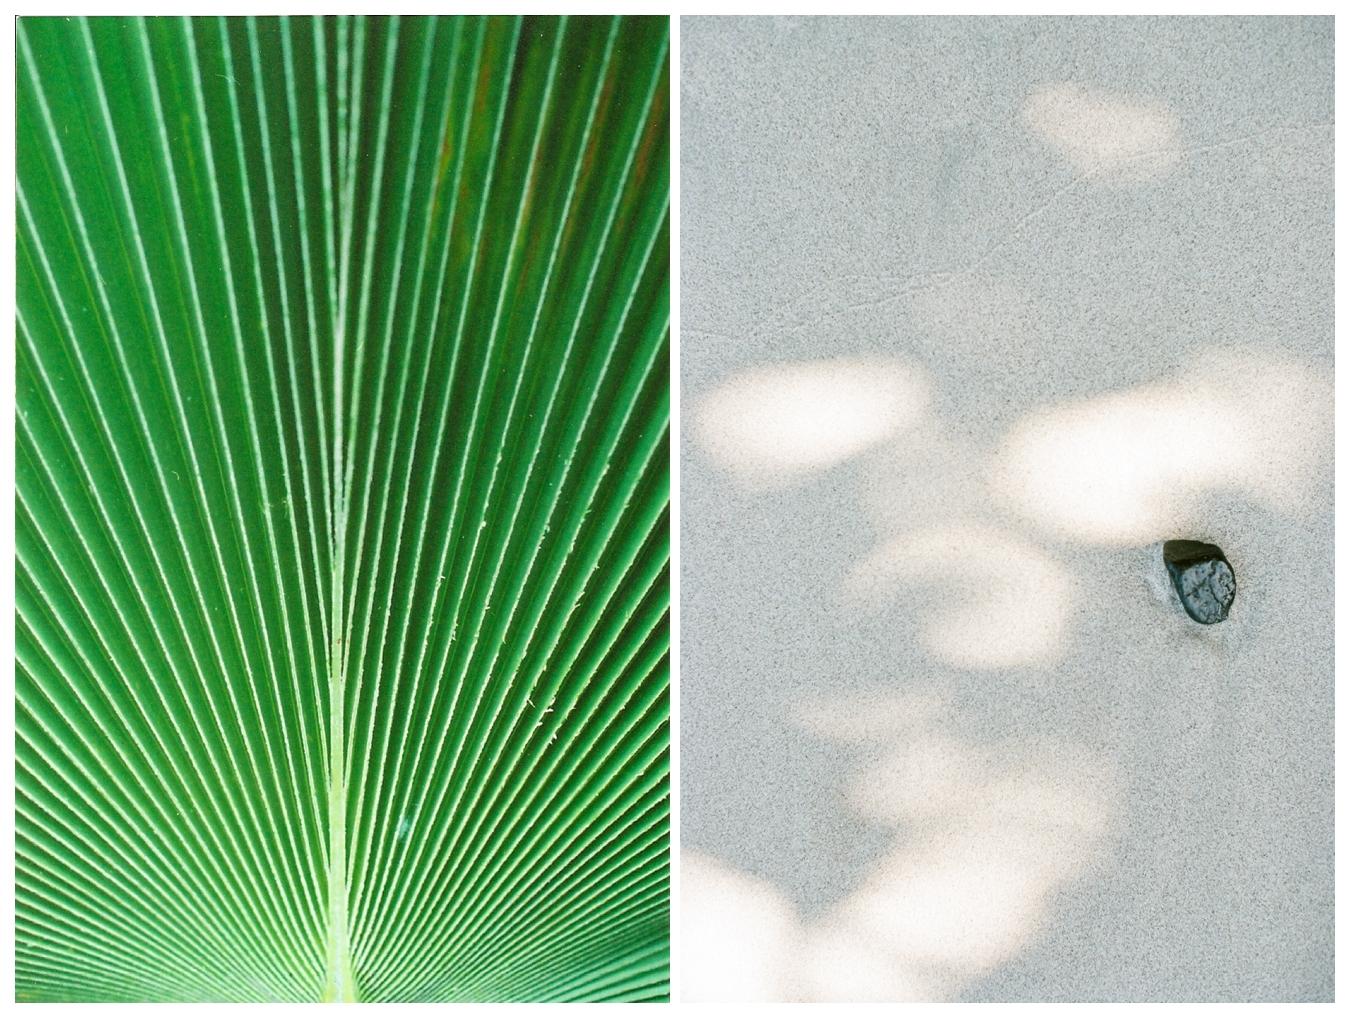 lily glass photography | st. john usvi